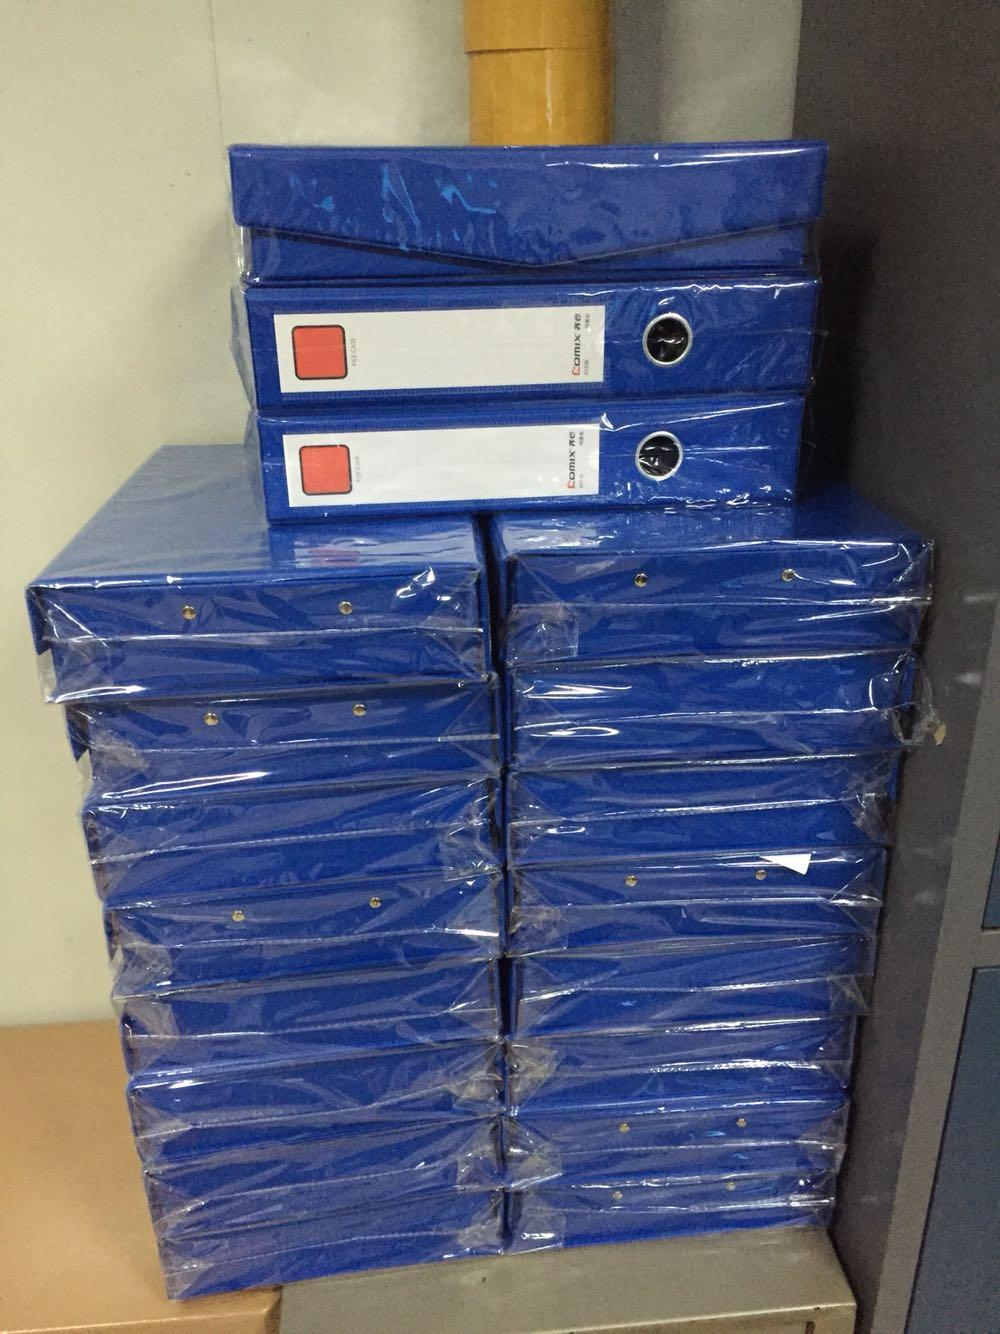 coachbag 00280904 wholesale